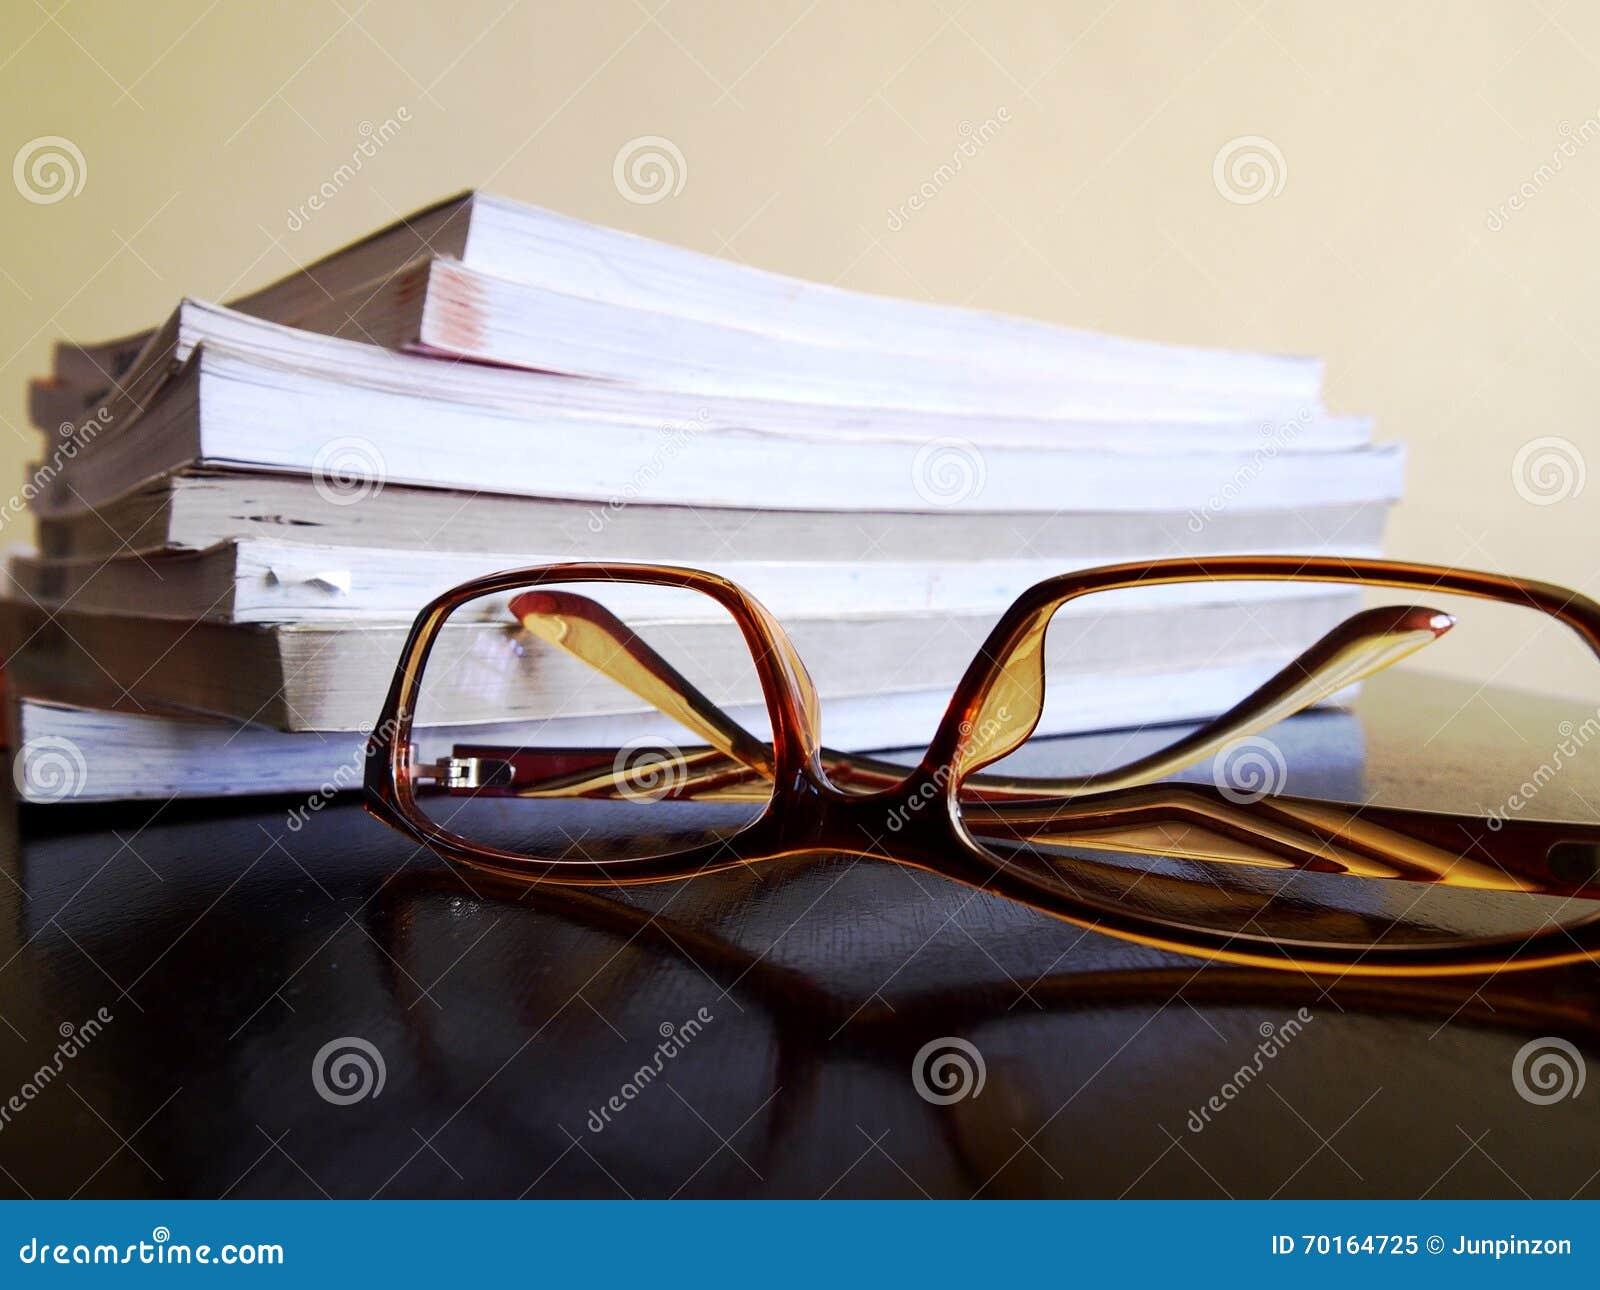 Stapel van boeken en een paar oogglazen